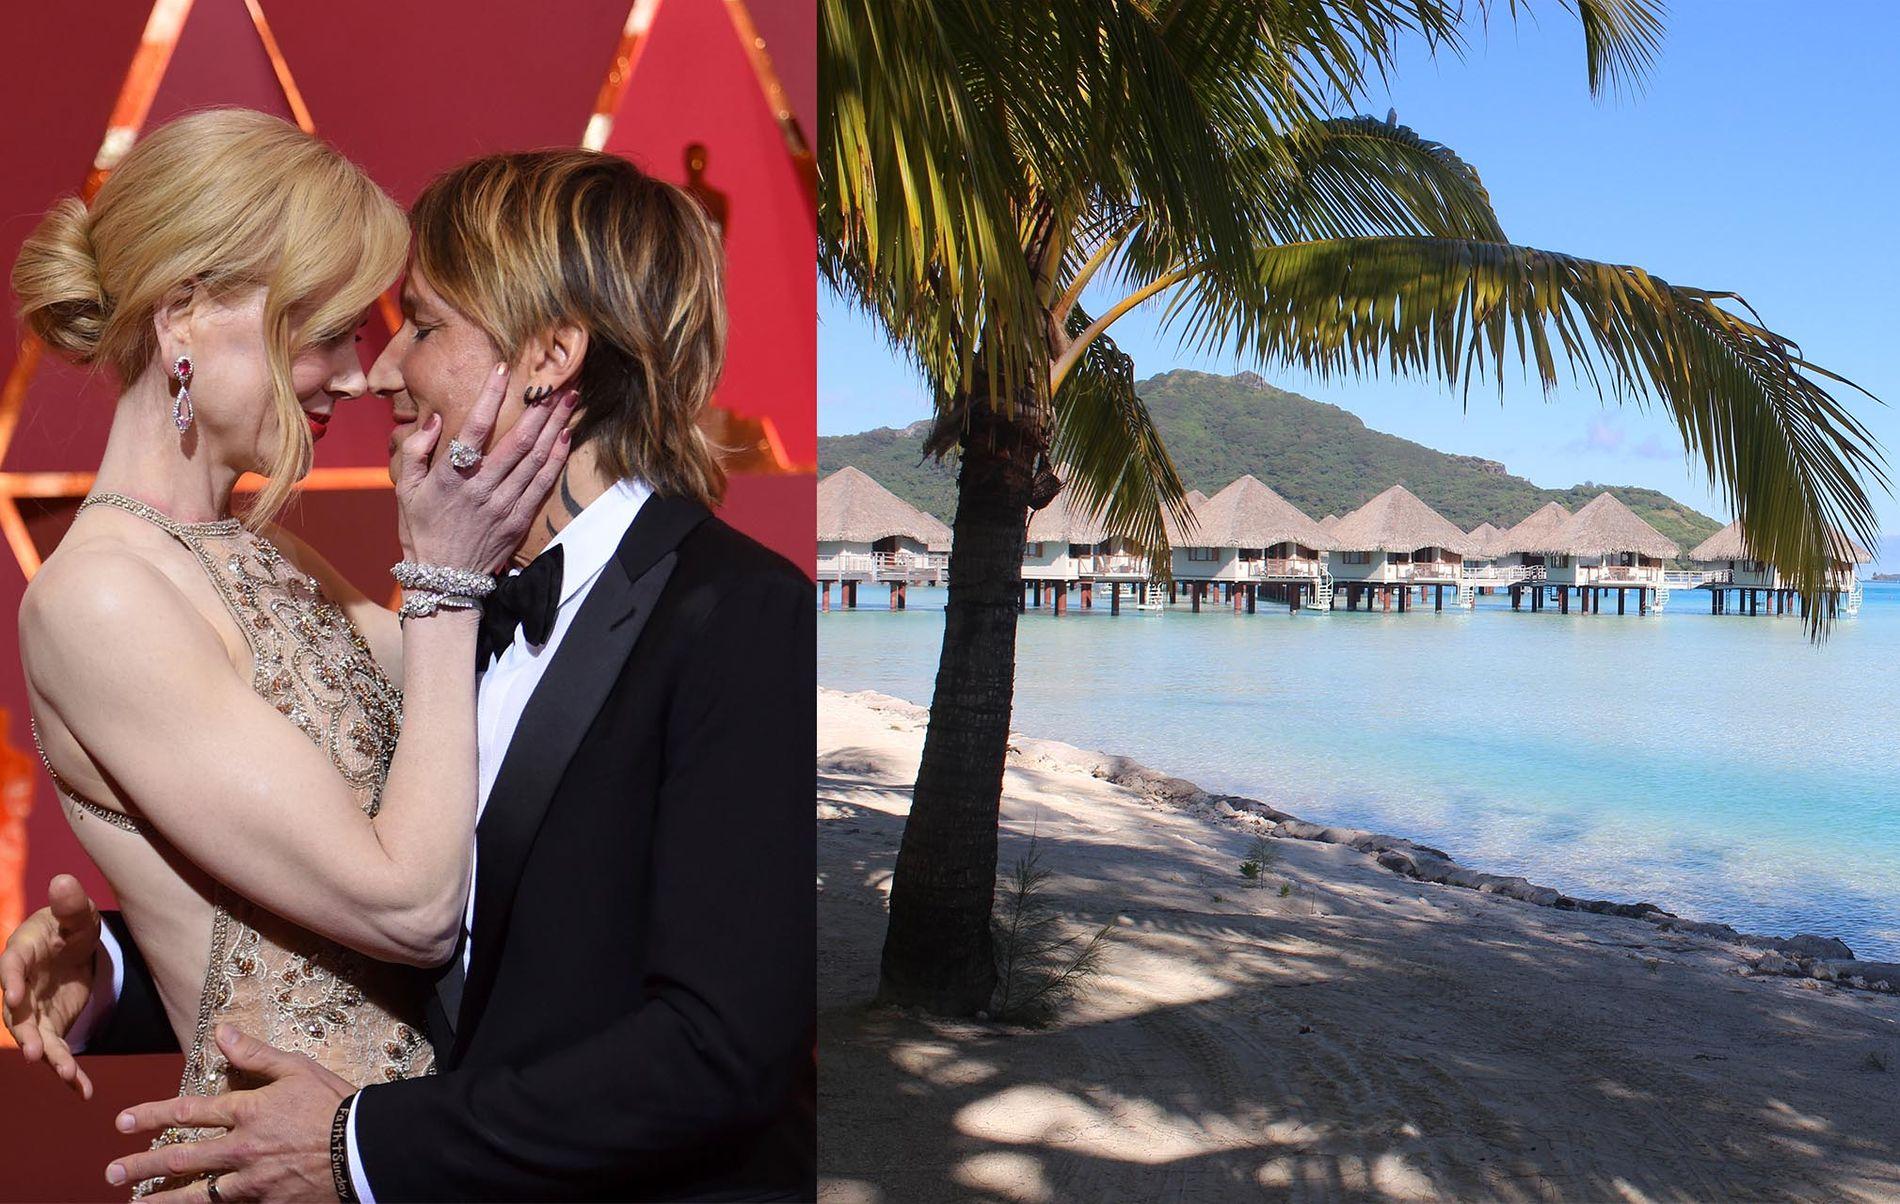 Bryllupsreise bryllup ferie ekteskap Ryggsekk | Spreadshirt